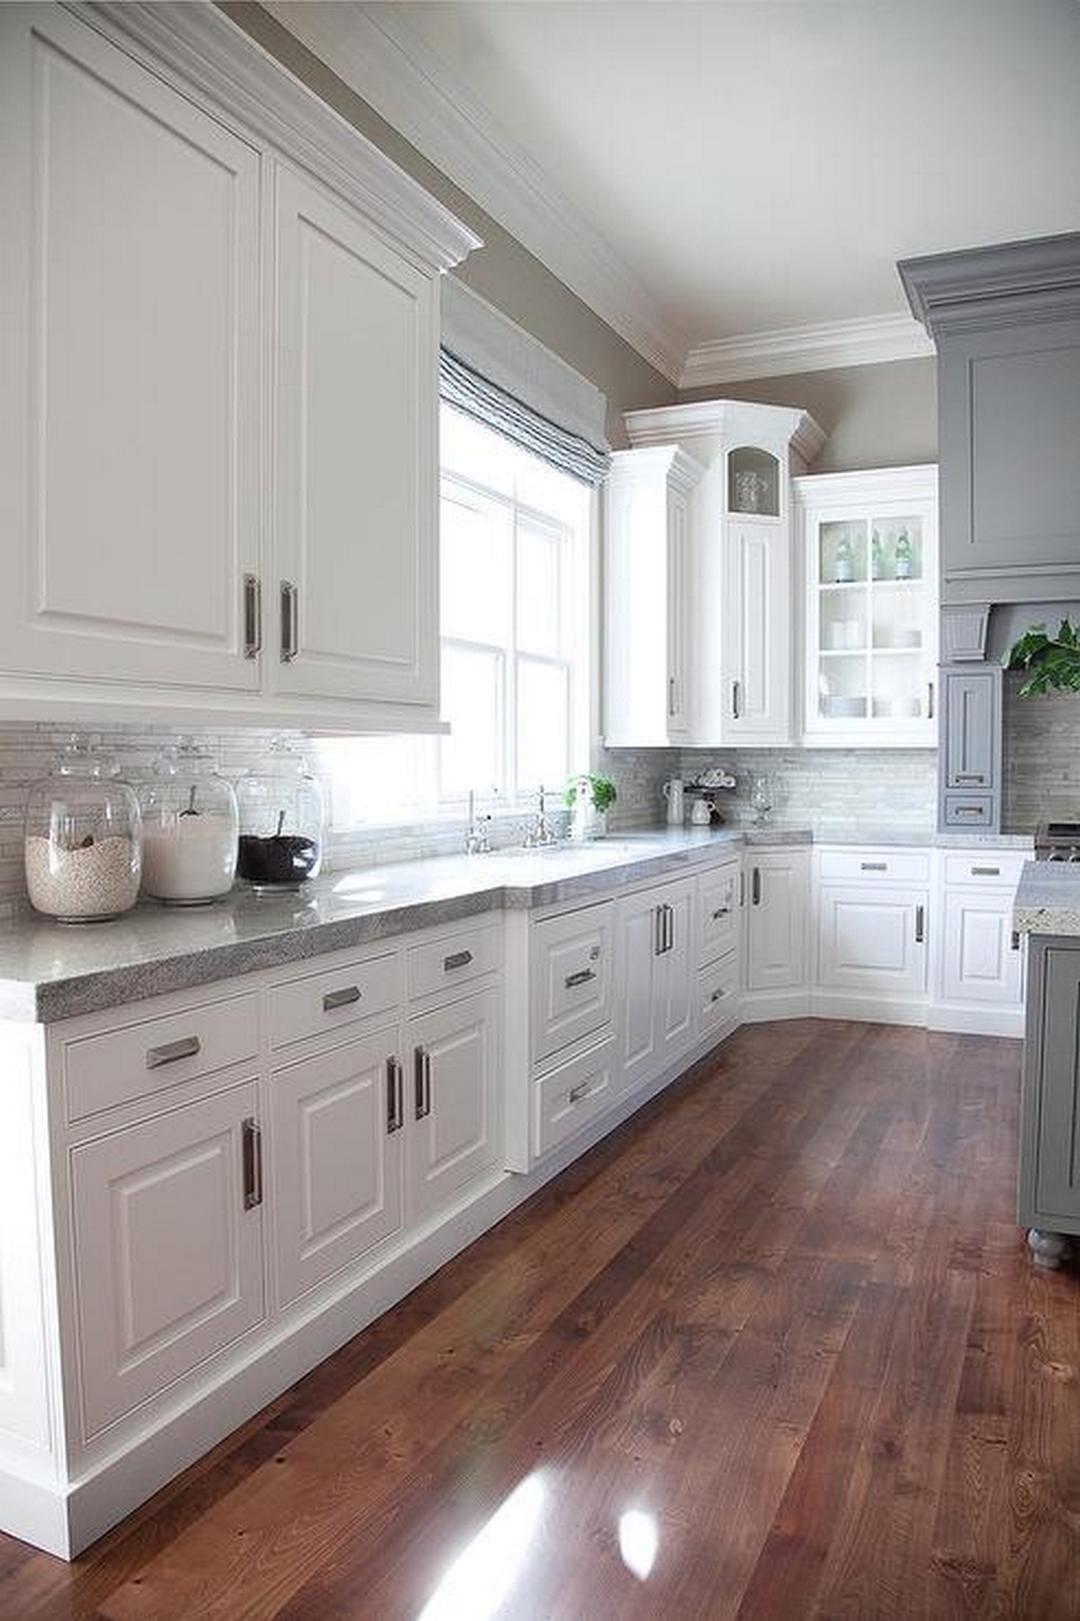 53 pretty white kitchen design ideas   kitchen design / inspiration